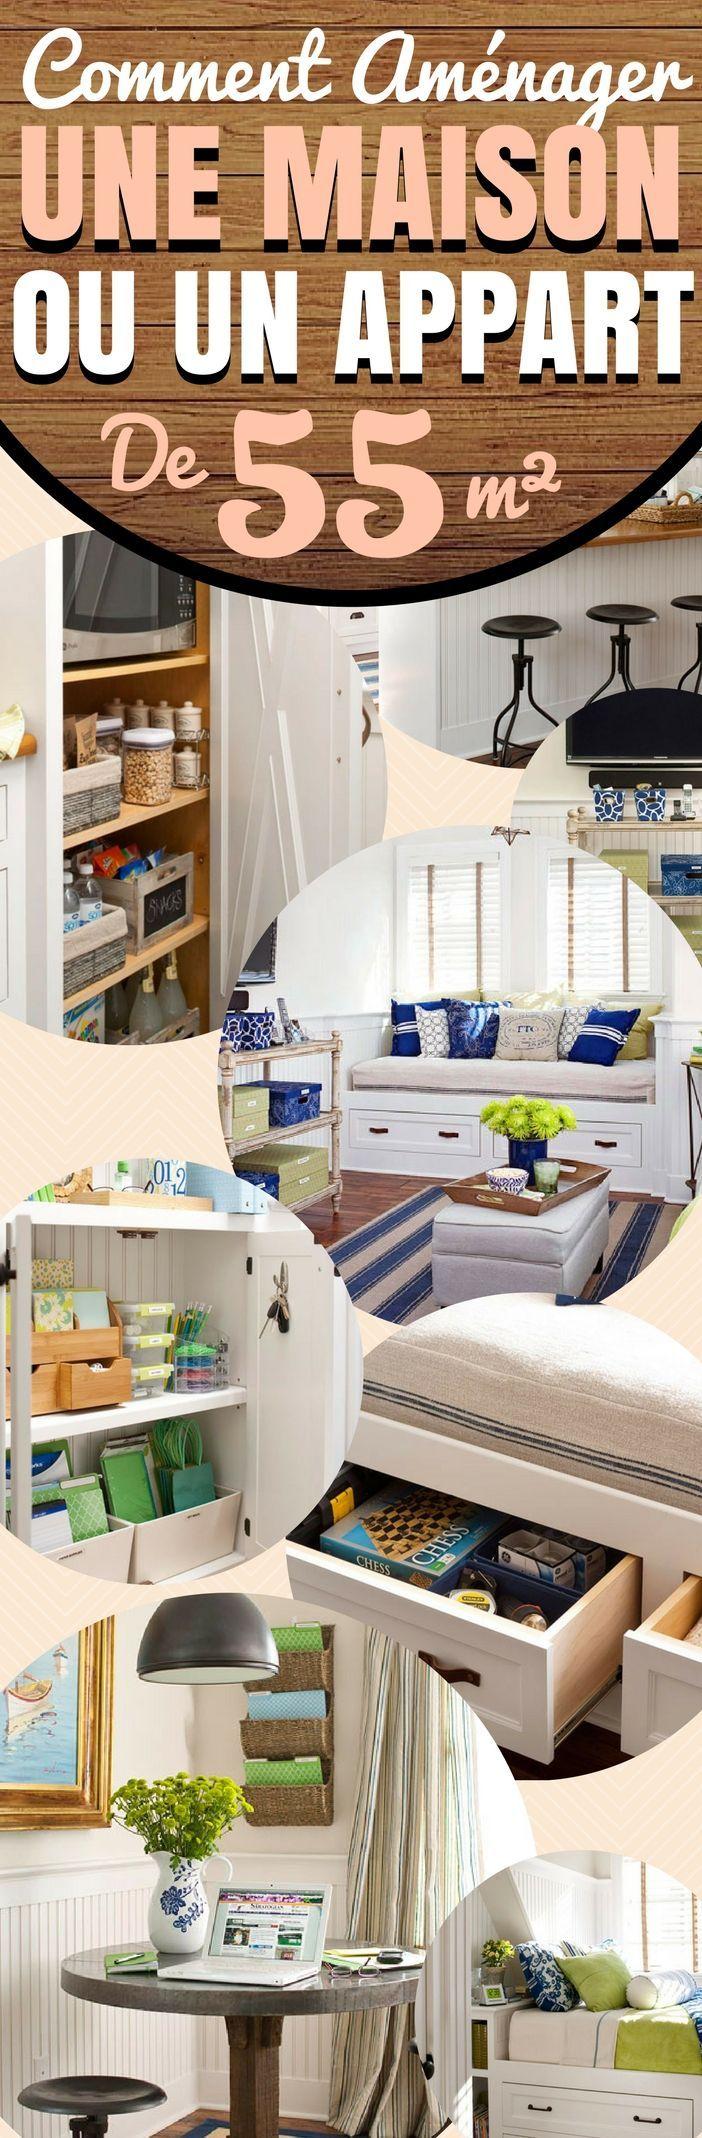 comment am nager un petit appartement maison home decor home et house. Black Bedroom Furniture Sets. Home Design Ideas